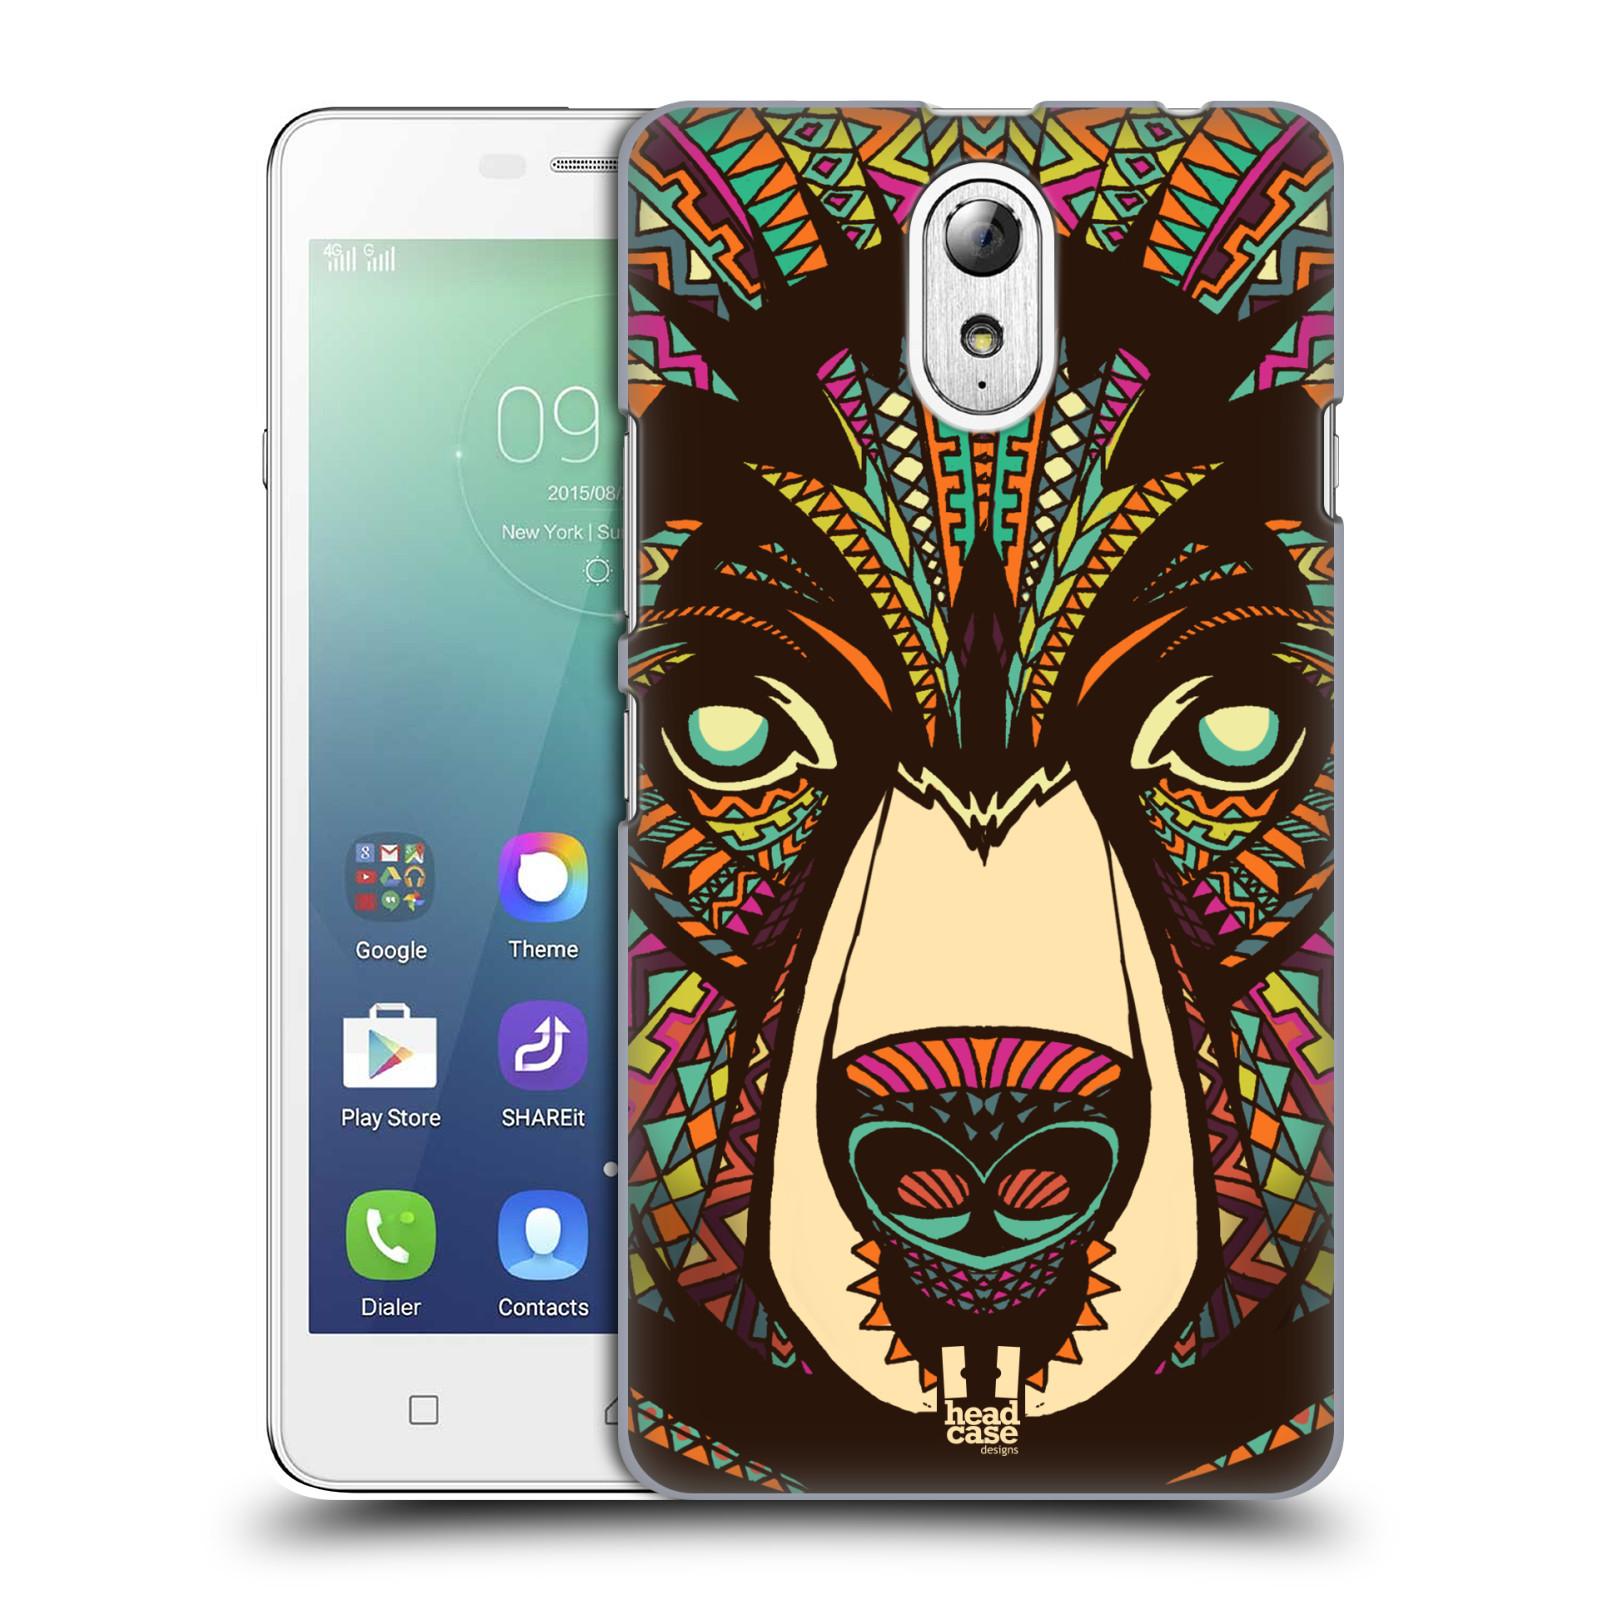 HEAD CASE pevný plastový obal na mobil LENOVO VIBE P1m / LENOVO VIBE p1m DUAL SIM vzor Aztécký motiv zvíře medvěd